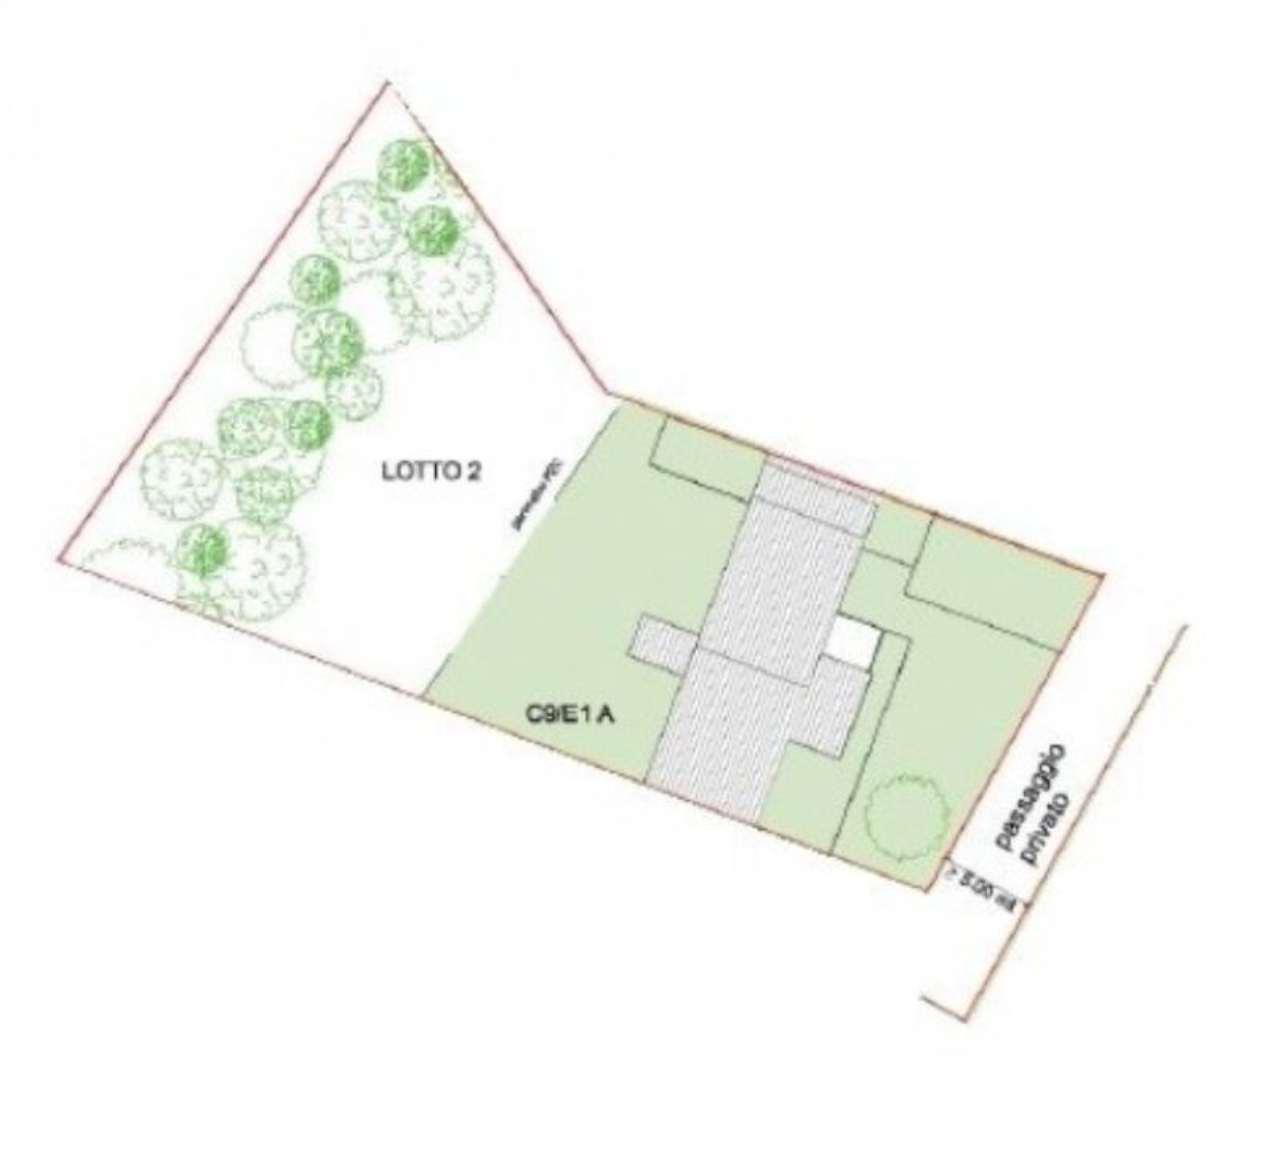 Terreno residenziale in Vendita a Andezeno